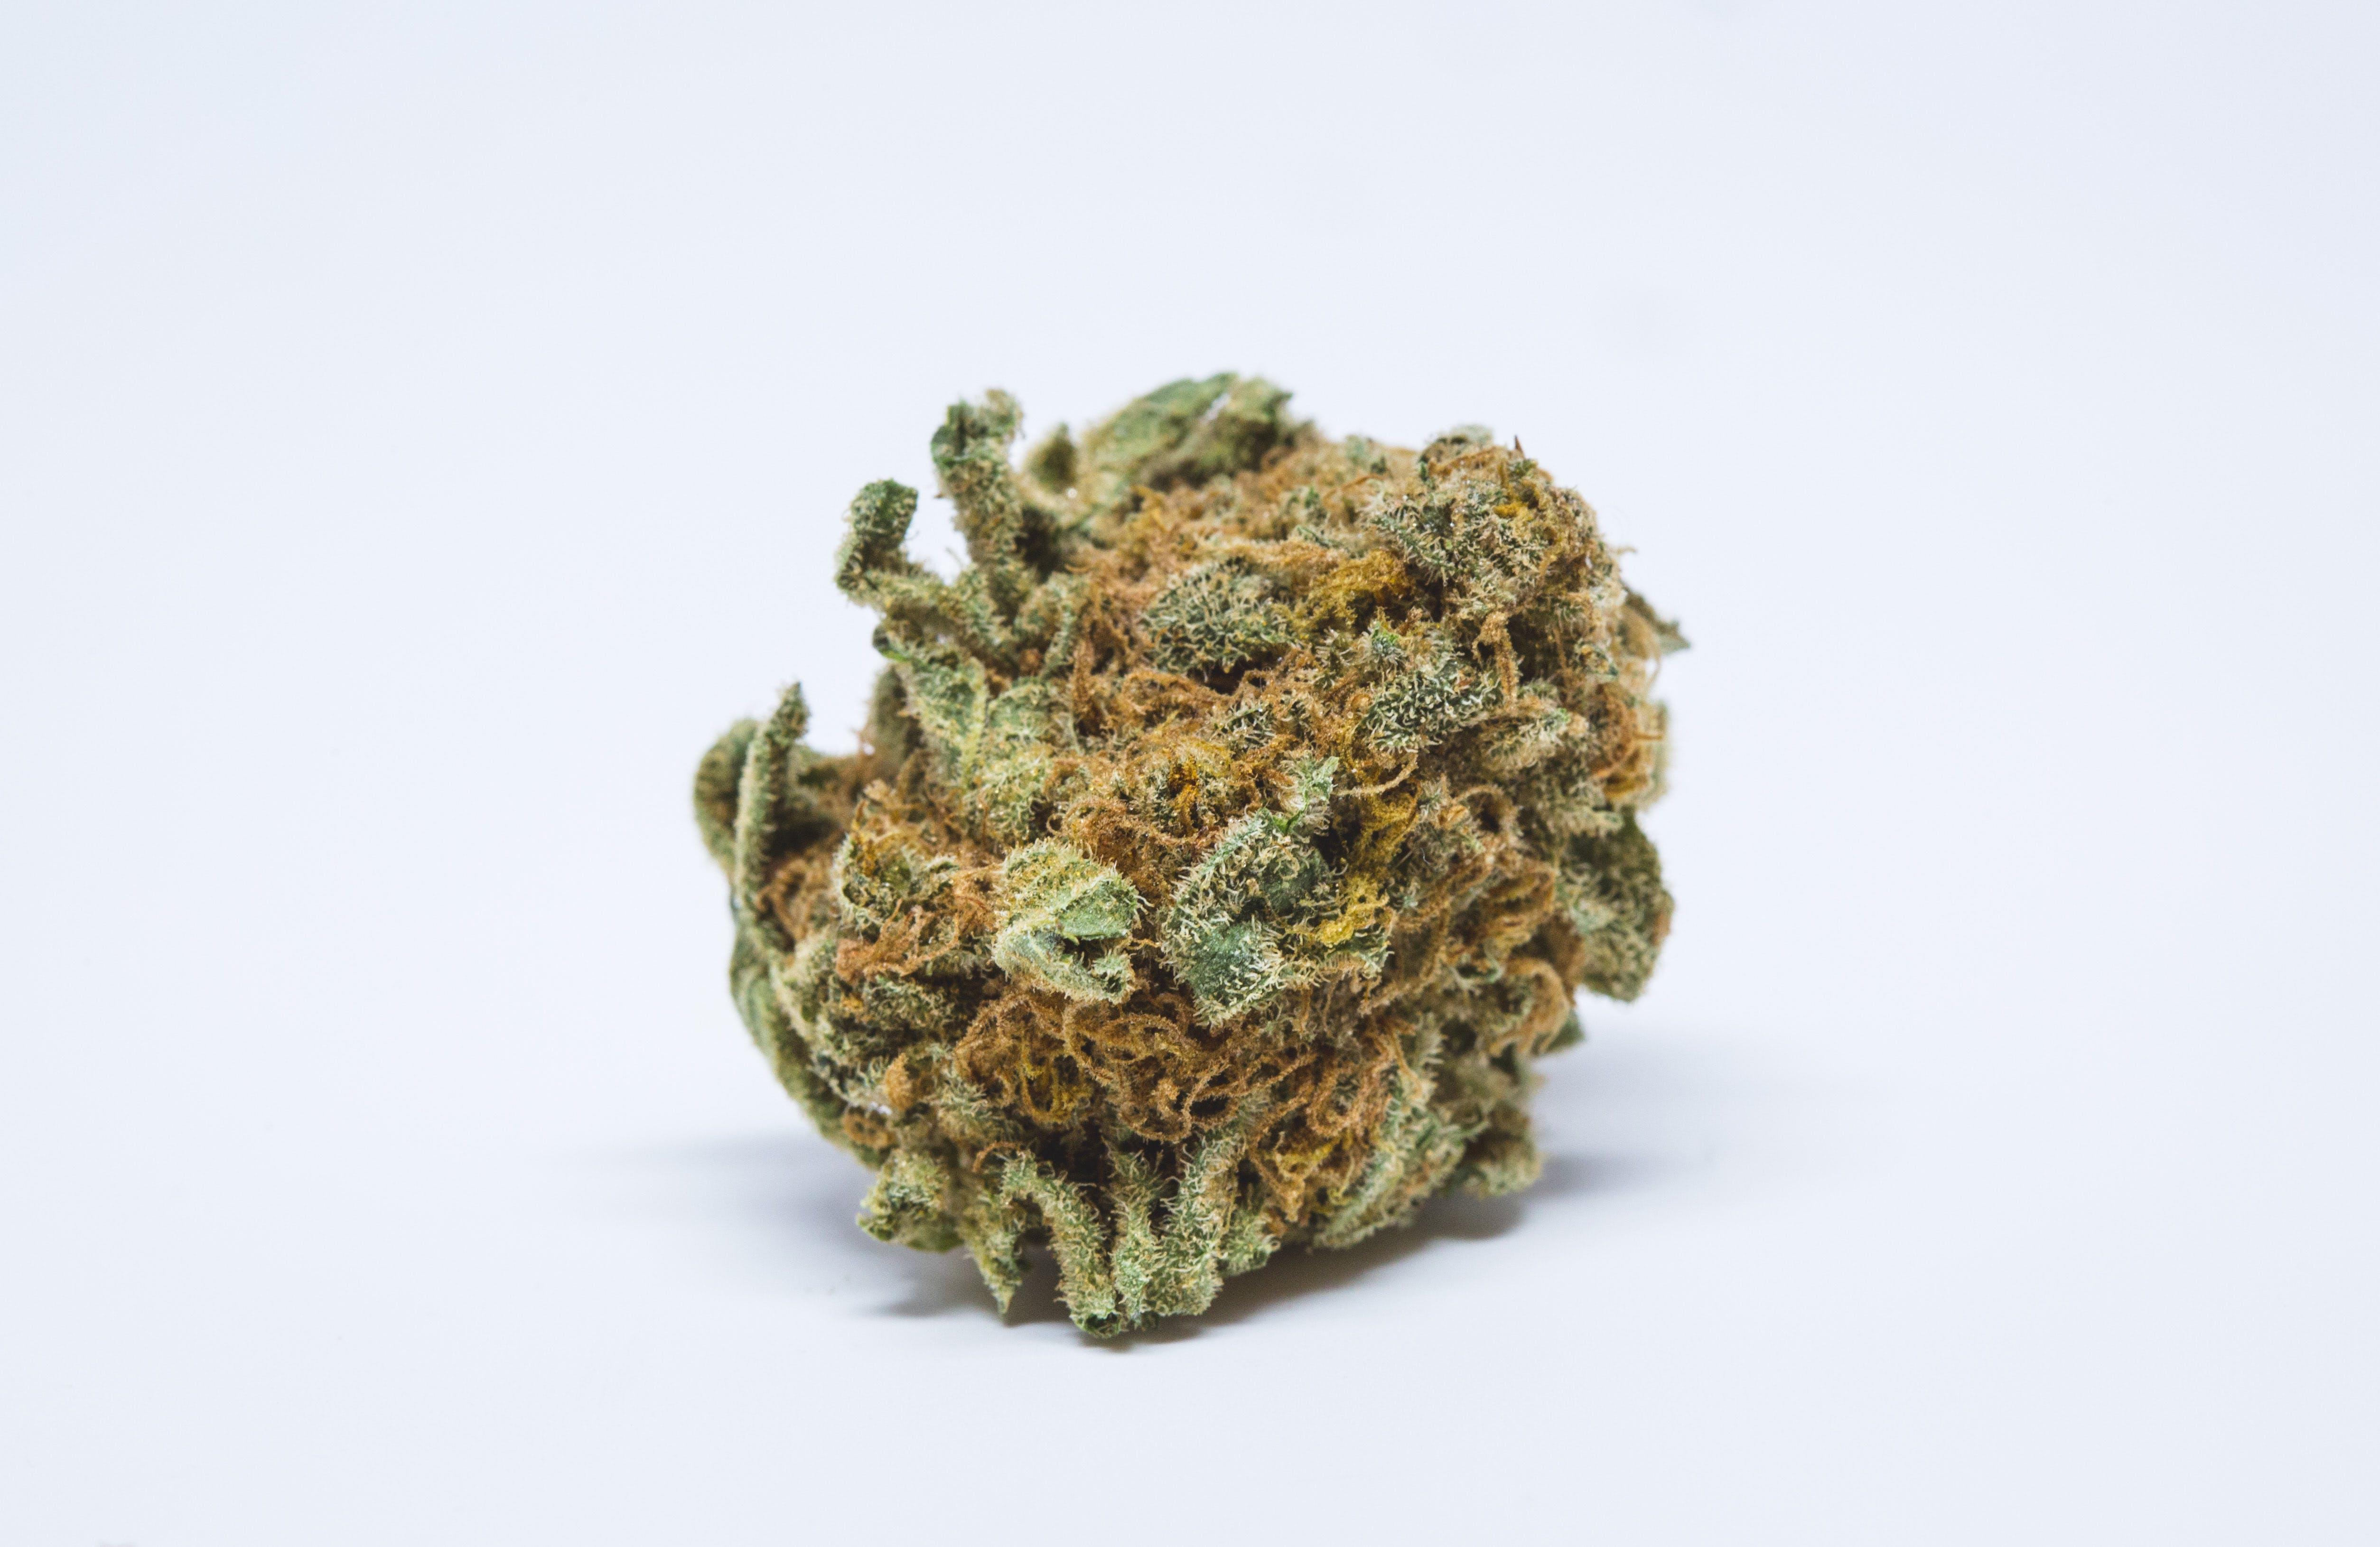 Cherry Kush Weed; Cherry Kush Cannabis Strain; Cherry Kush Hybrid Marijuana Strain